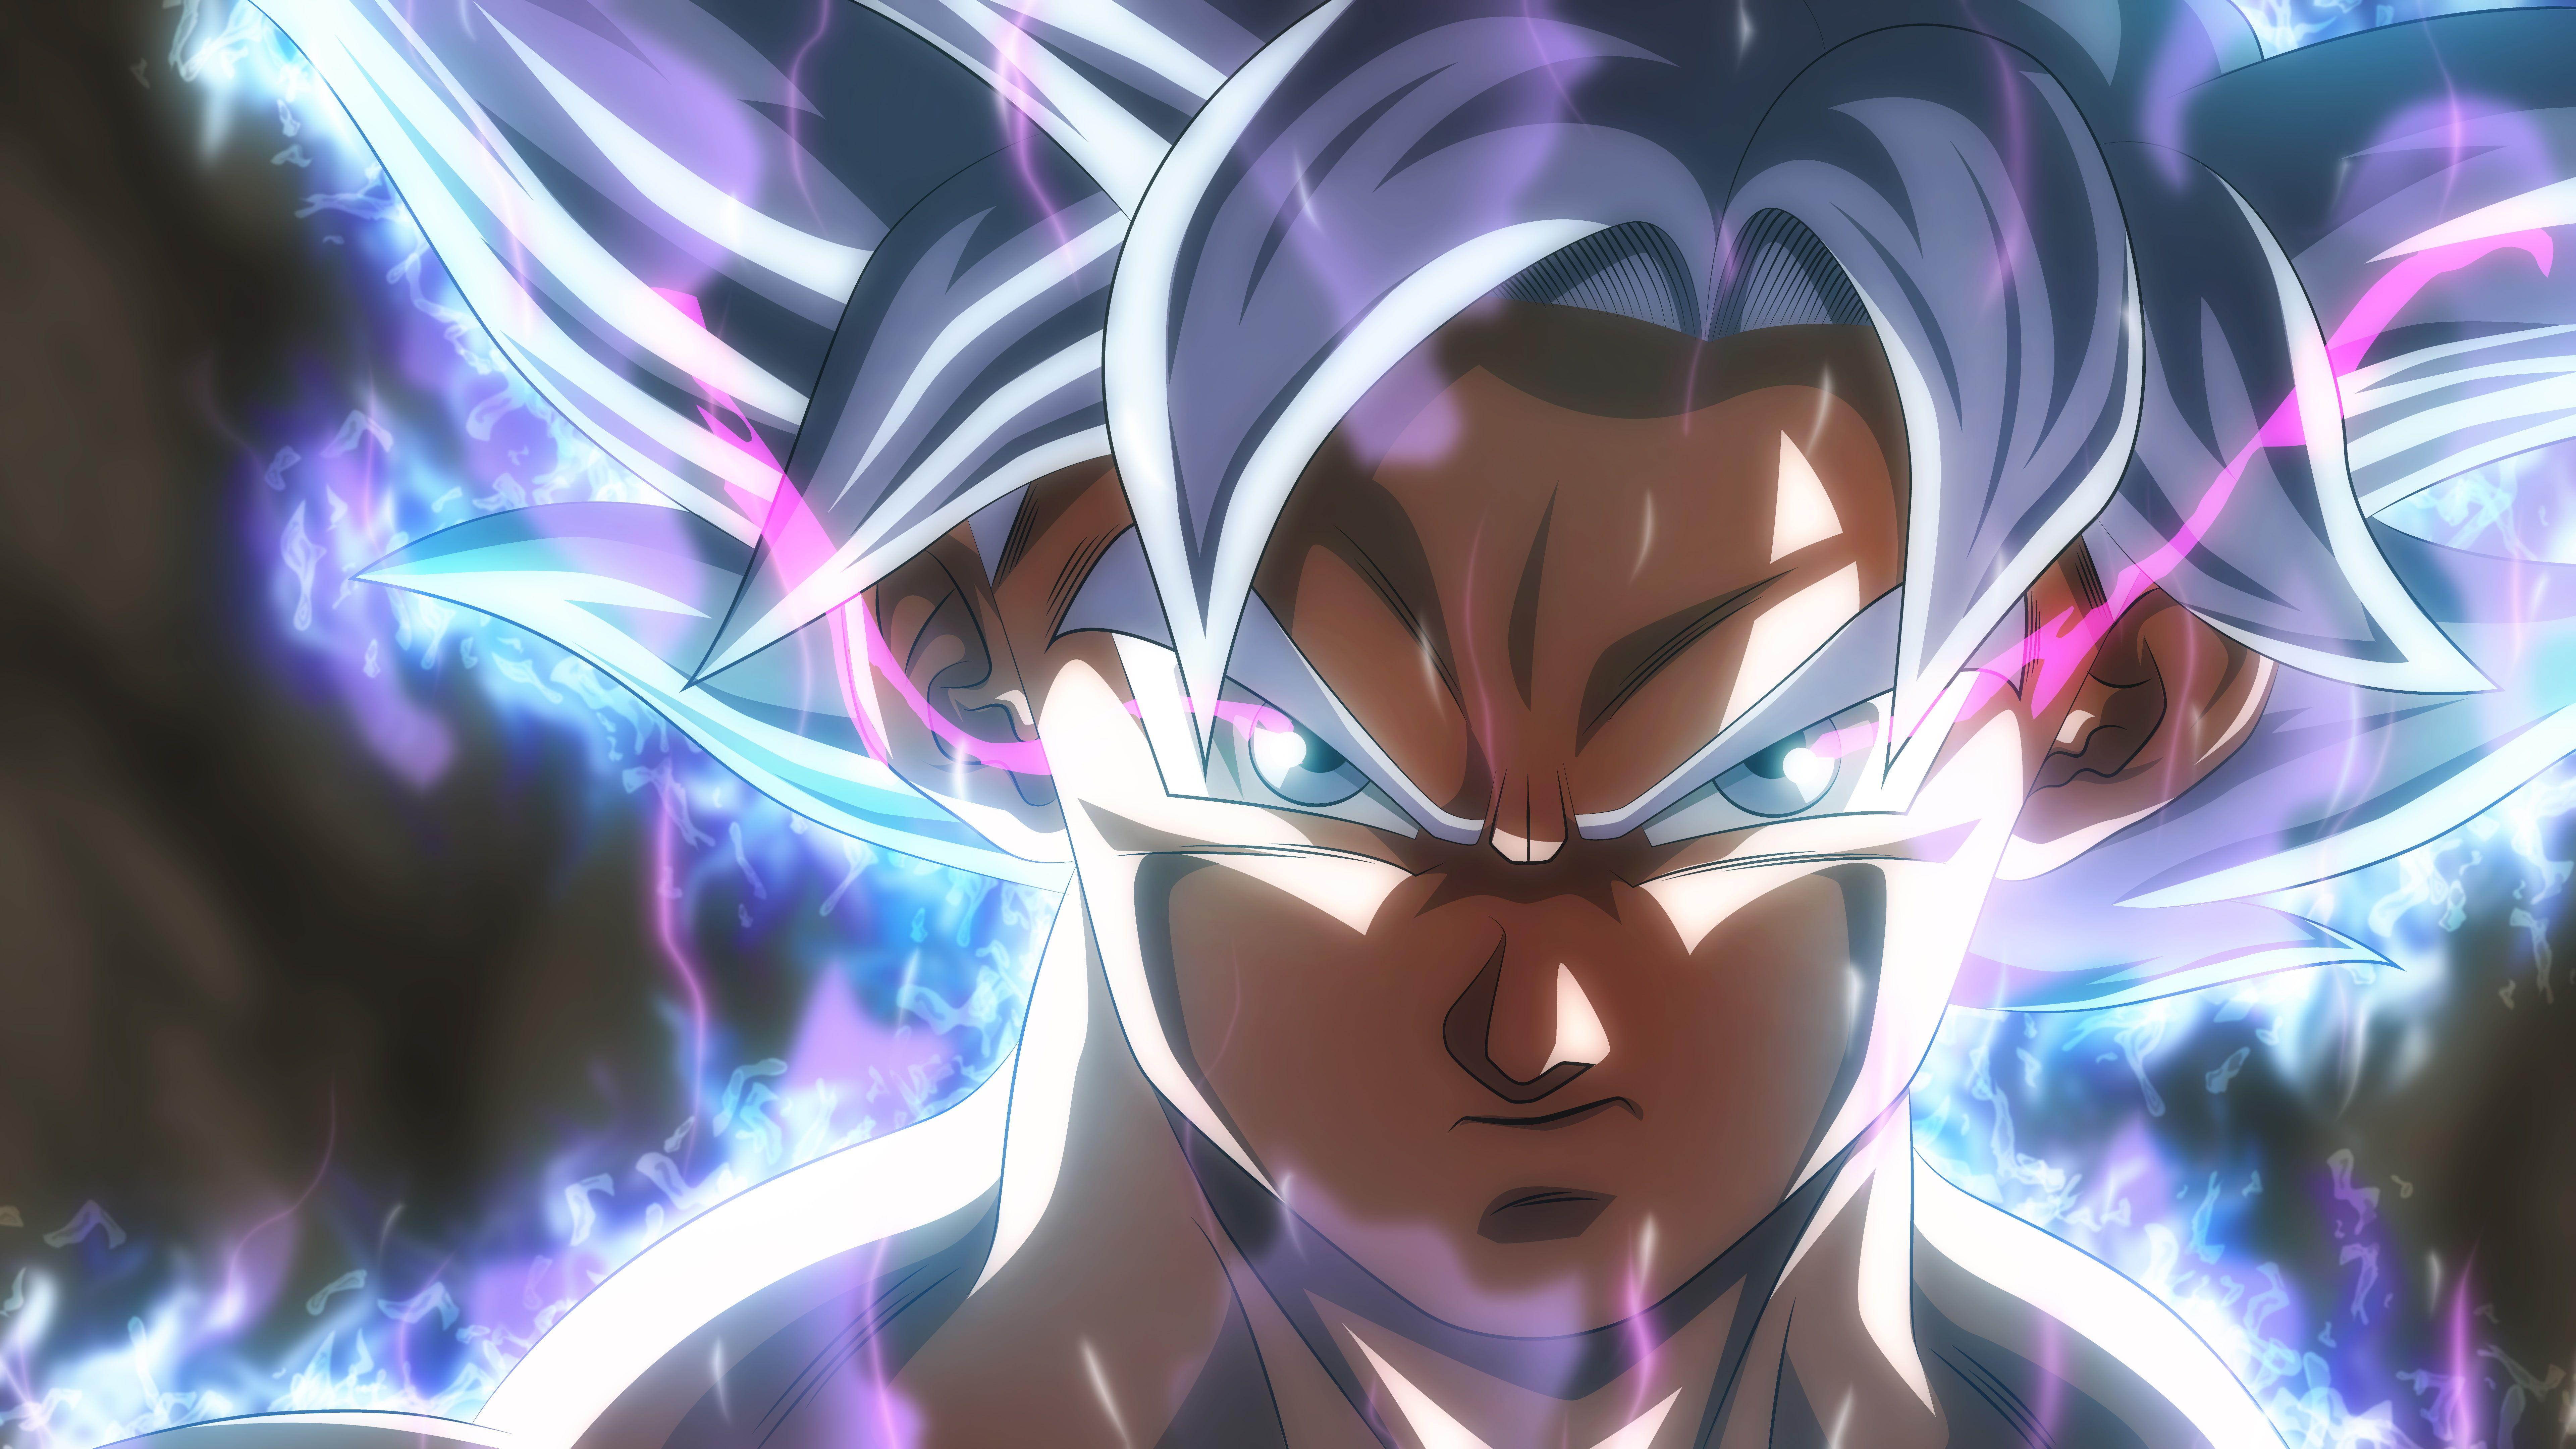 Goku Ultra Instinct 4k 8k Goku Ultra Instinct 8k Wallpaper Hdwallpaper Desktop Goku Wallpaper Dragon Ball Wallpapers Dragon Ball Super Goku